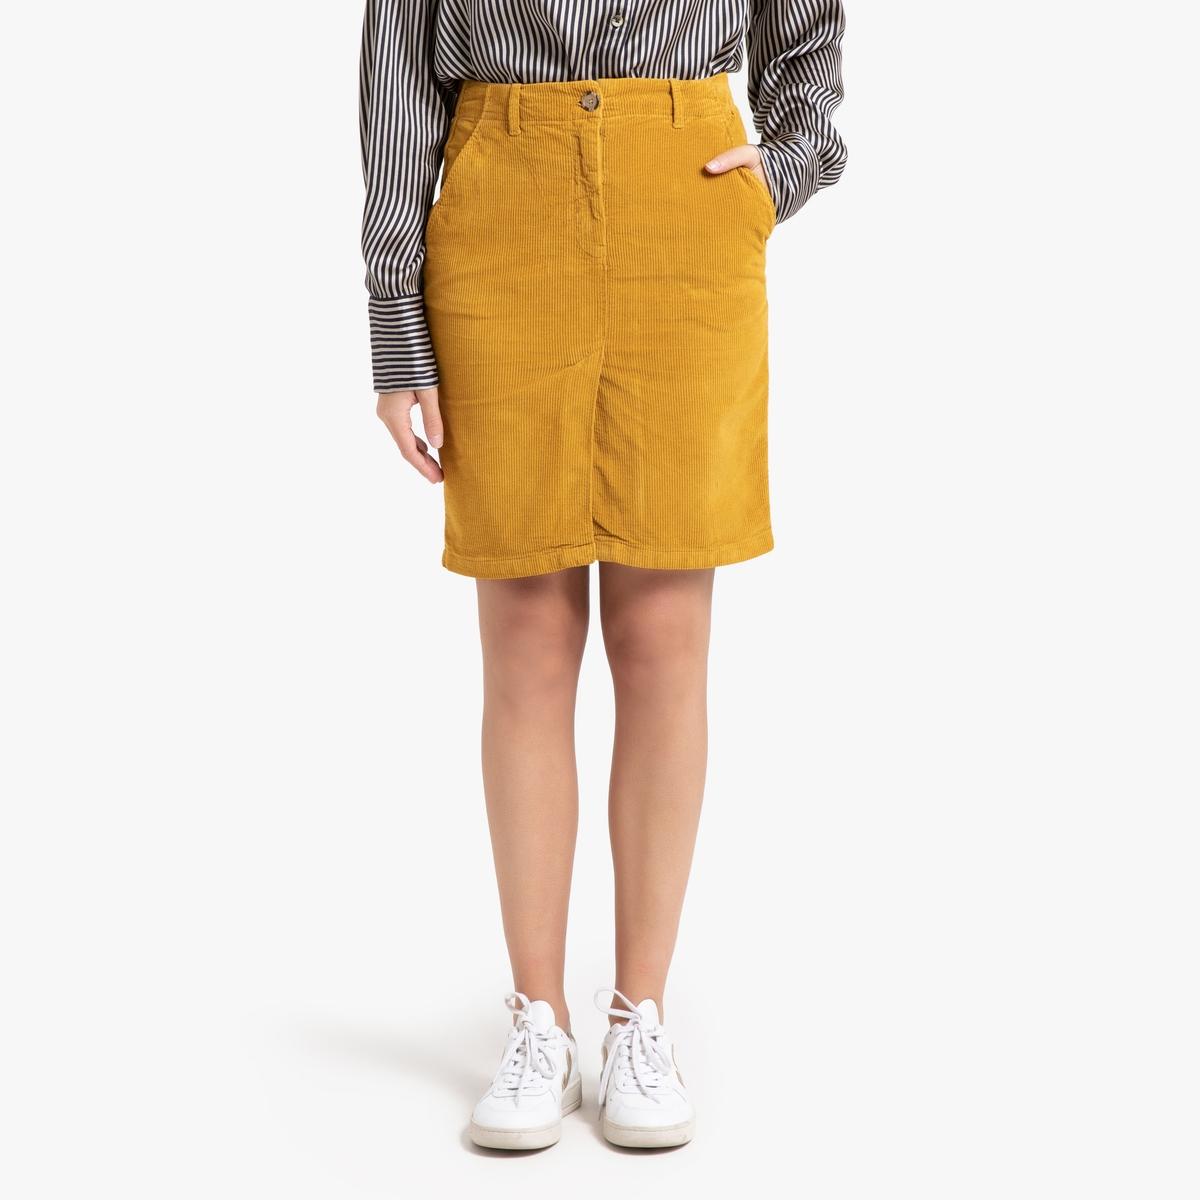 Юбка La Redoute Прямая из велюра средней длины JAUFFRET 38 (FR) - 44 (RUS) желтый платье прямого покроя средней длины с капюшоном из велюра